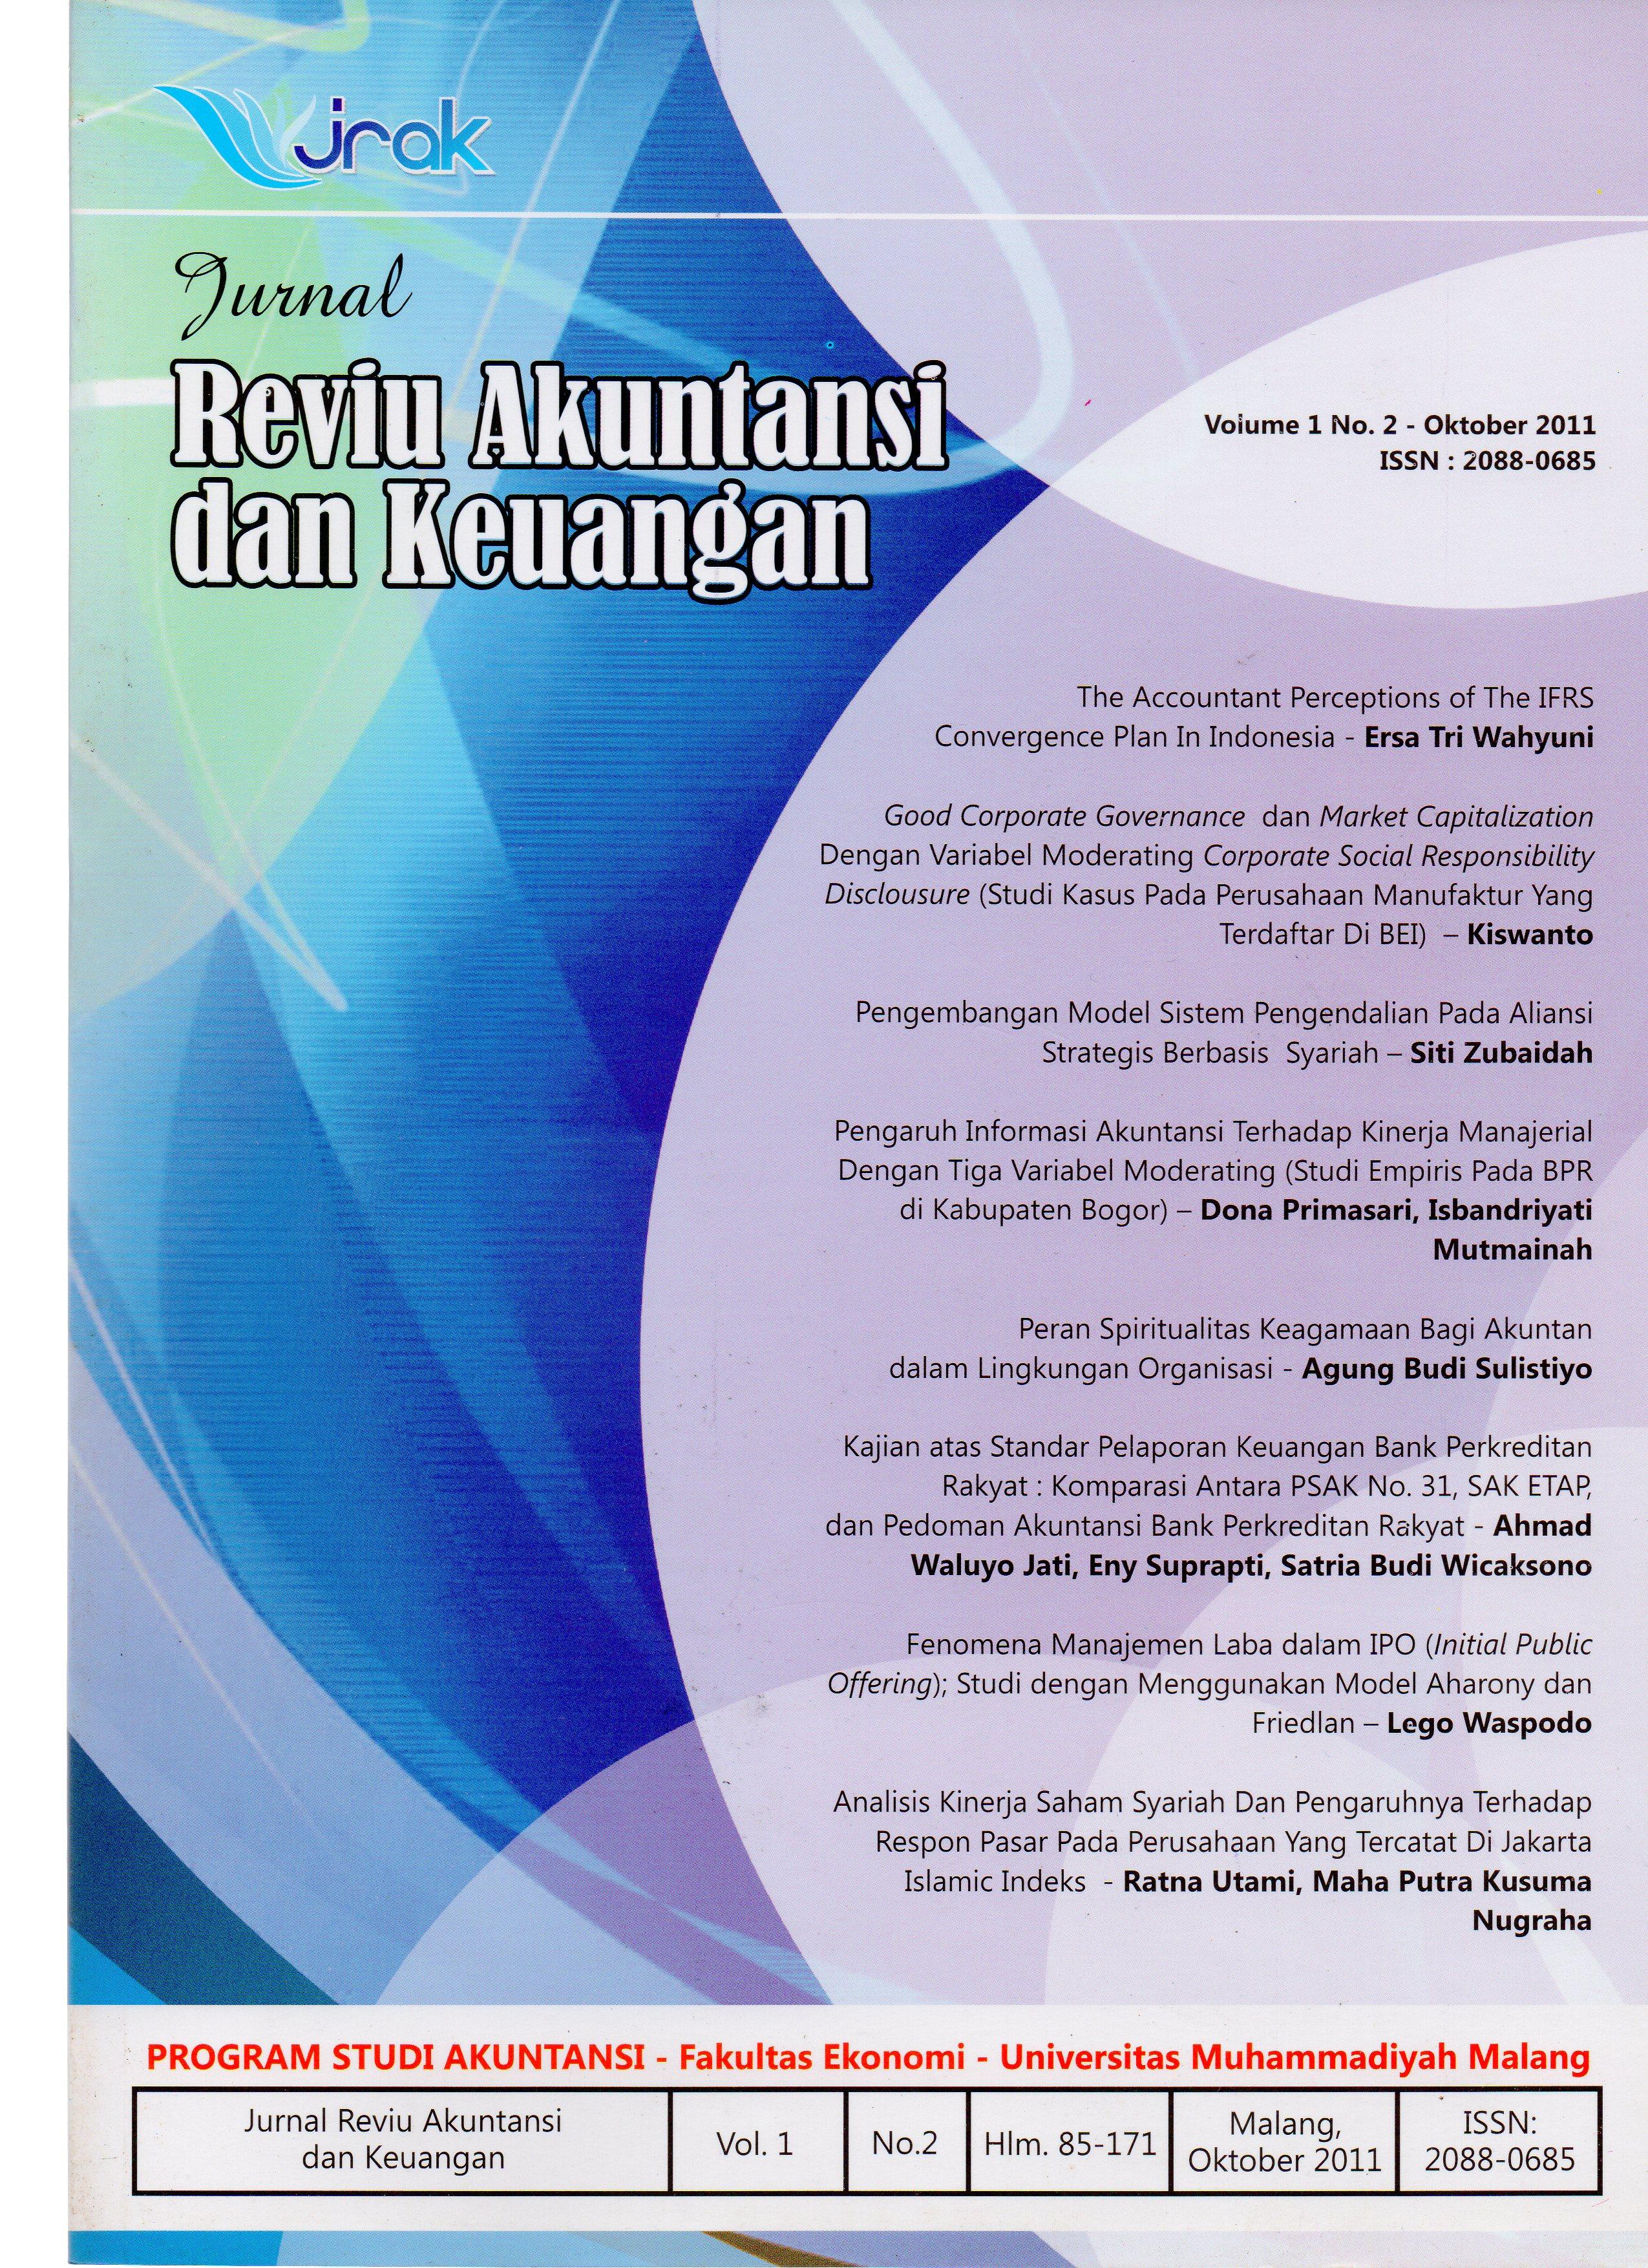 View Vol. 1 No. 2: Jurnal Reviu Akuntansi dan Keuangan